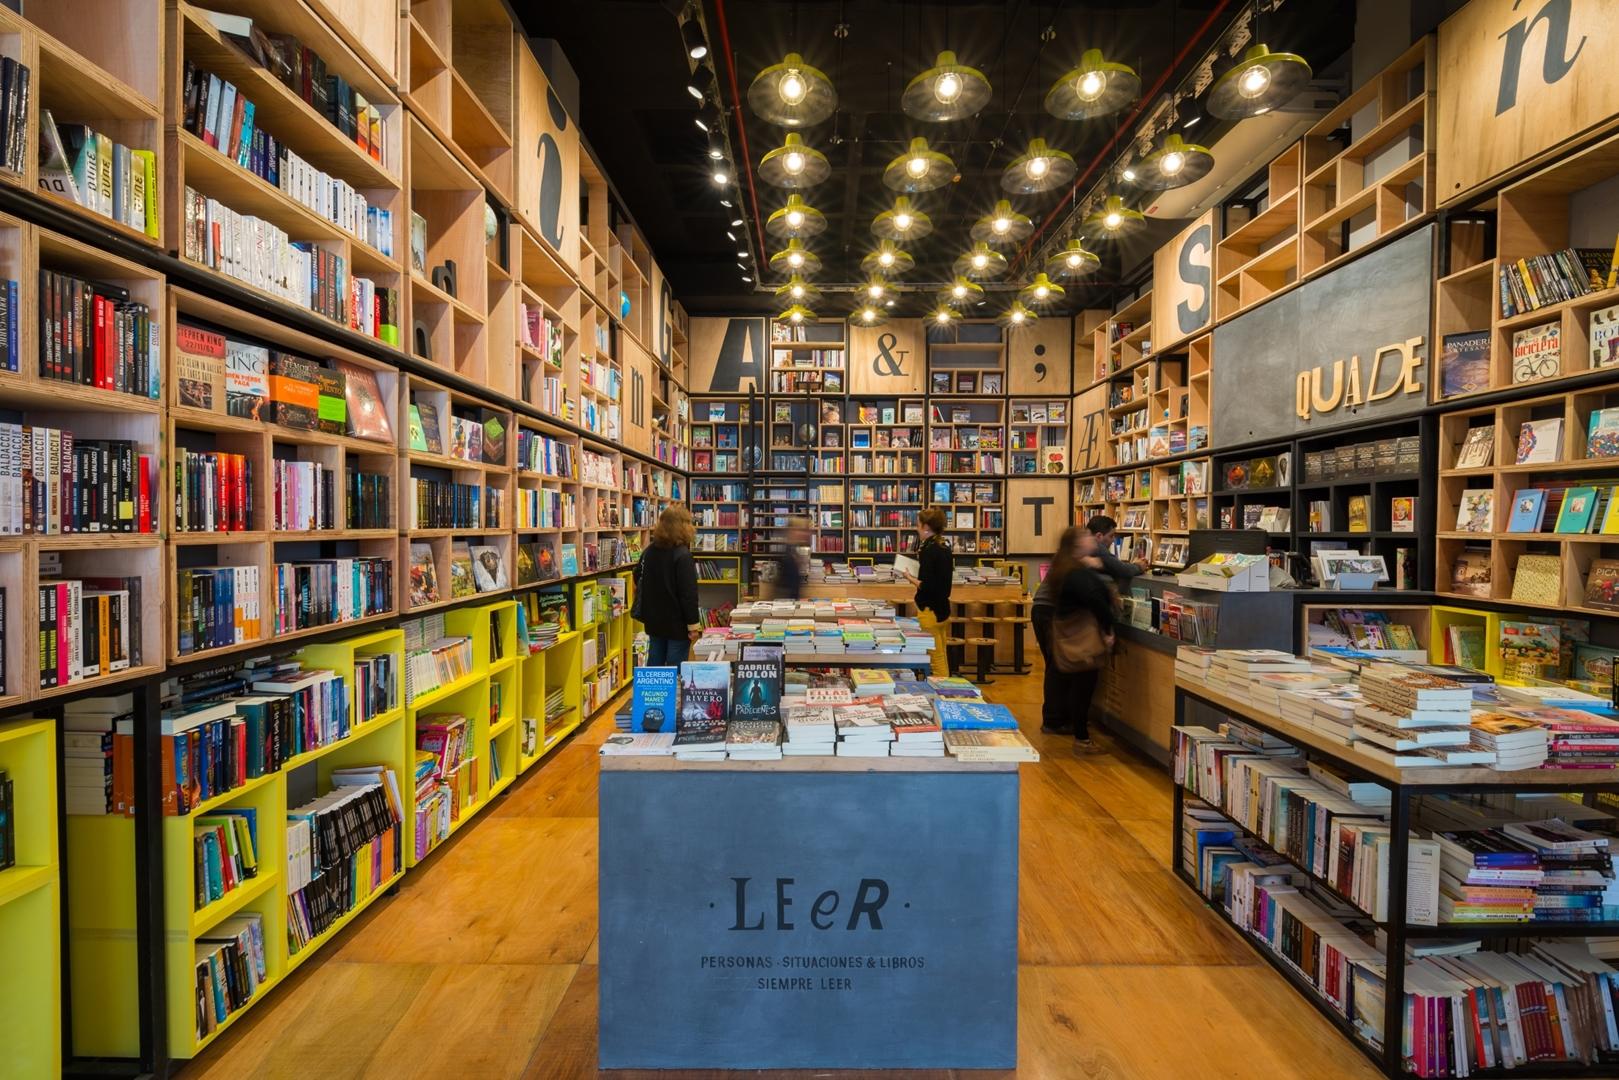 230517  -  Libreria Quade ph G Viramonte-9609 (Copy)